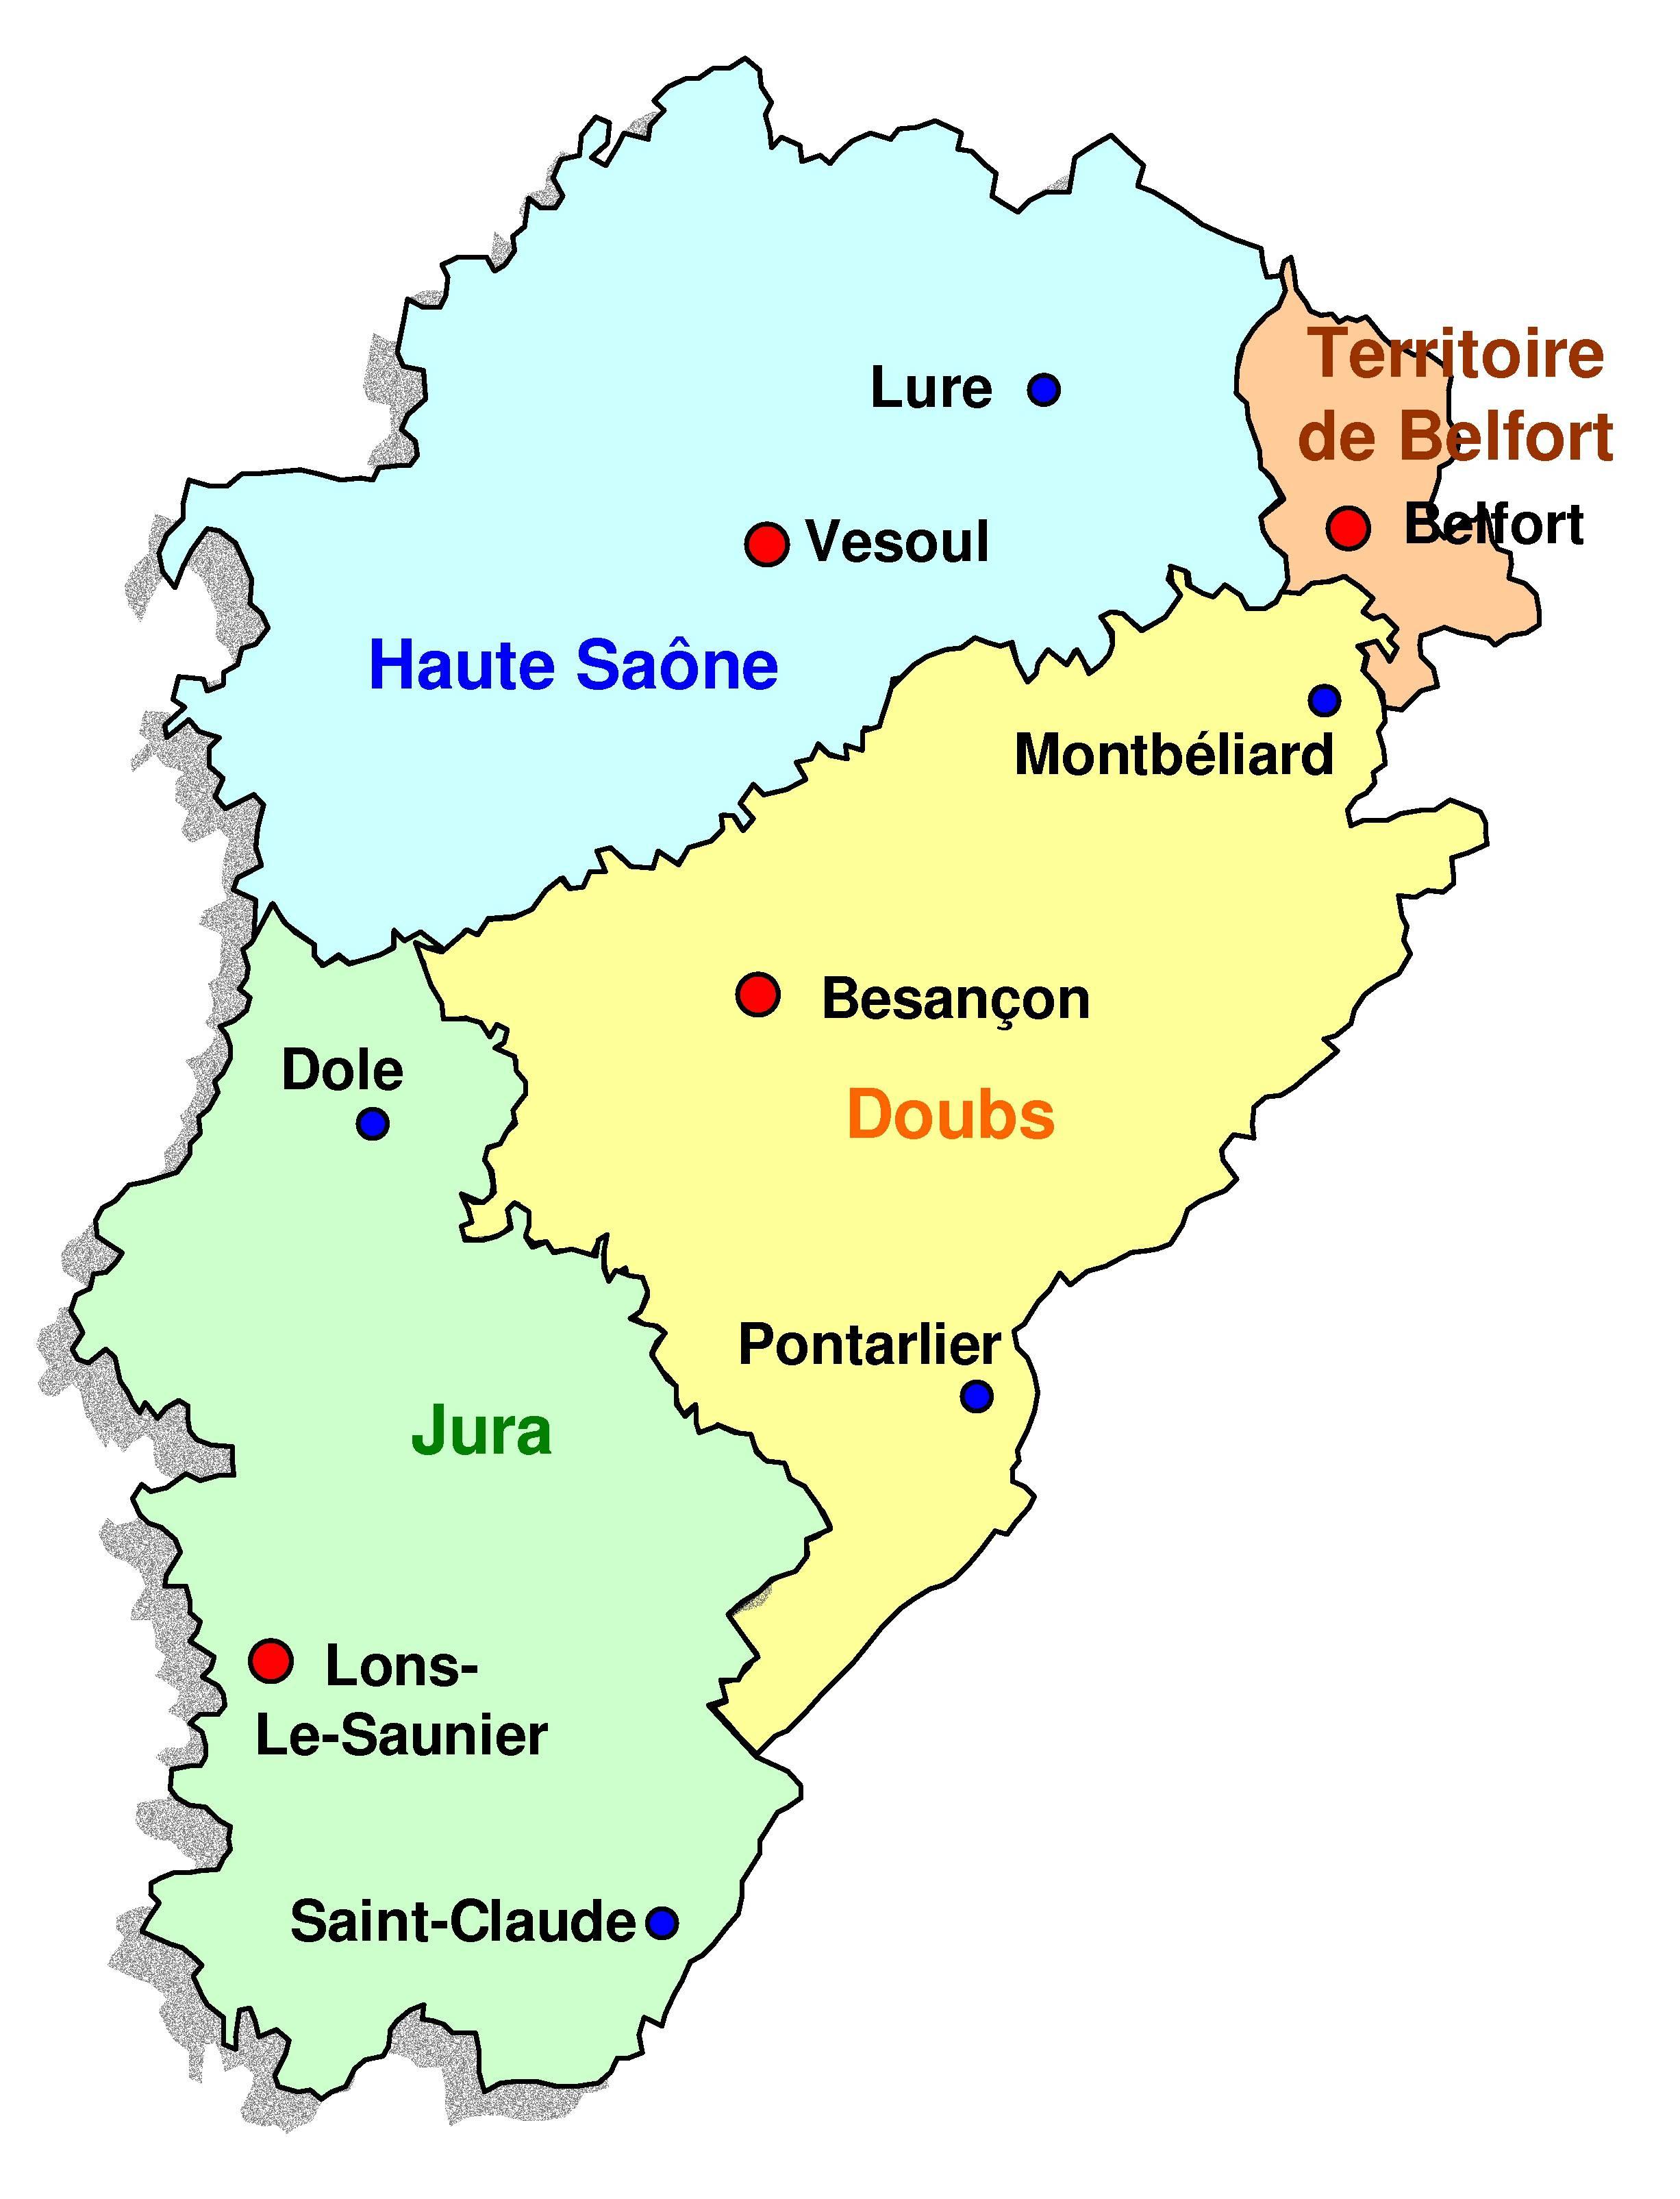 Carte des départements de la Franche-Comté